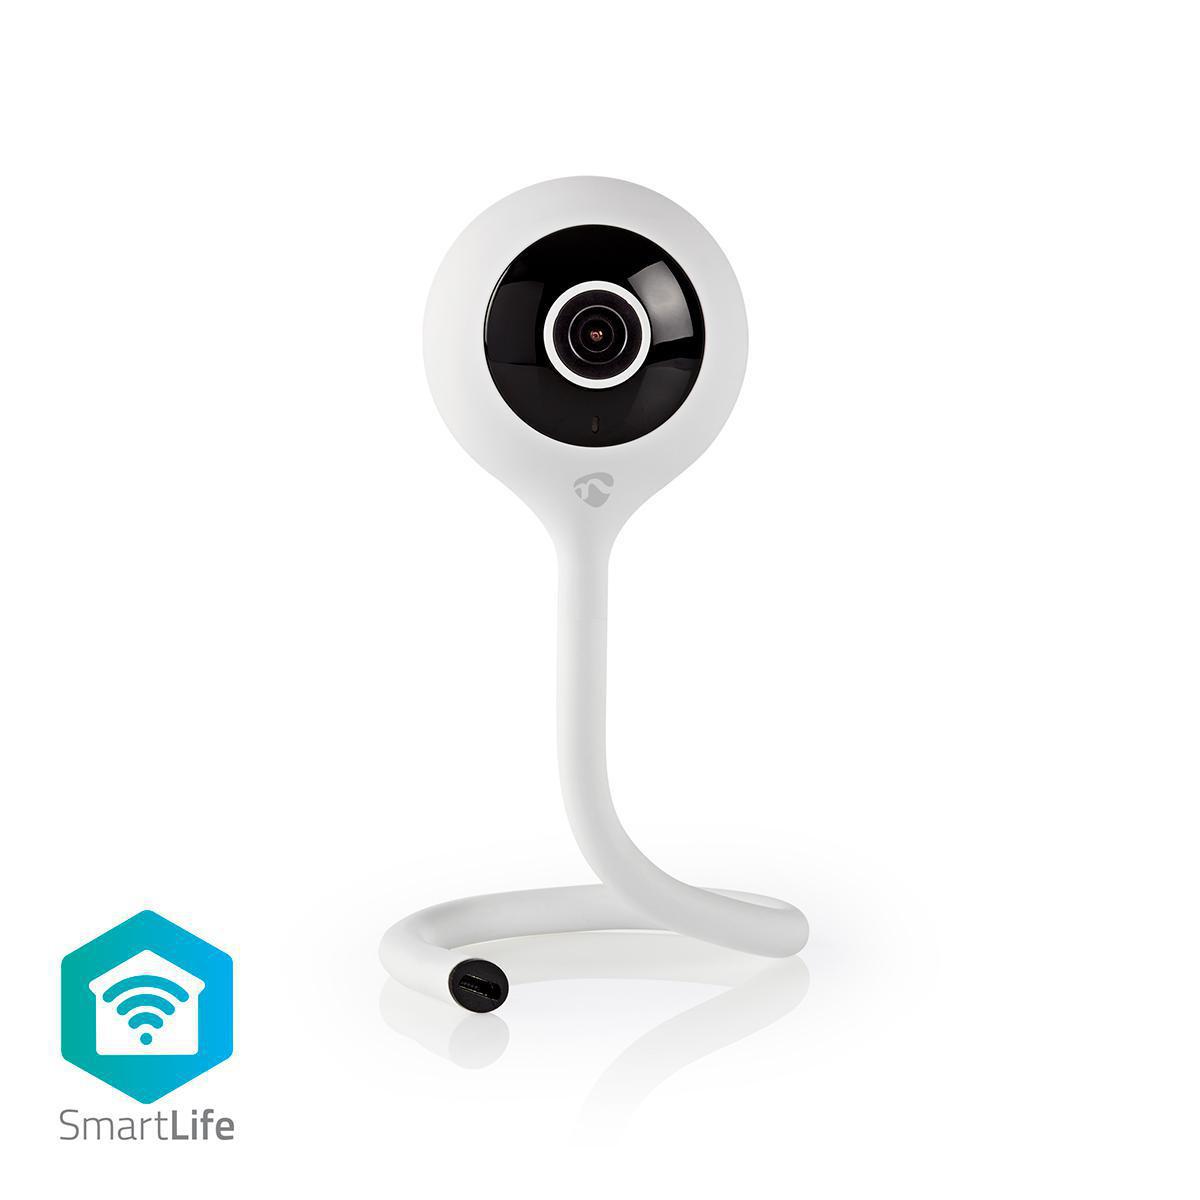 Questa telecamera IP Smart Home è un'aggiunta importante a qualsiasi sistema di casa intelligente, è collegata direttamente alla rete Wi-Fi domestica - non è necessario alcun hub aggiuntivo - ed è attivata da ogni movimento e suono nella stanza. Il sensor